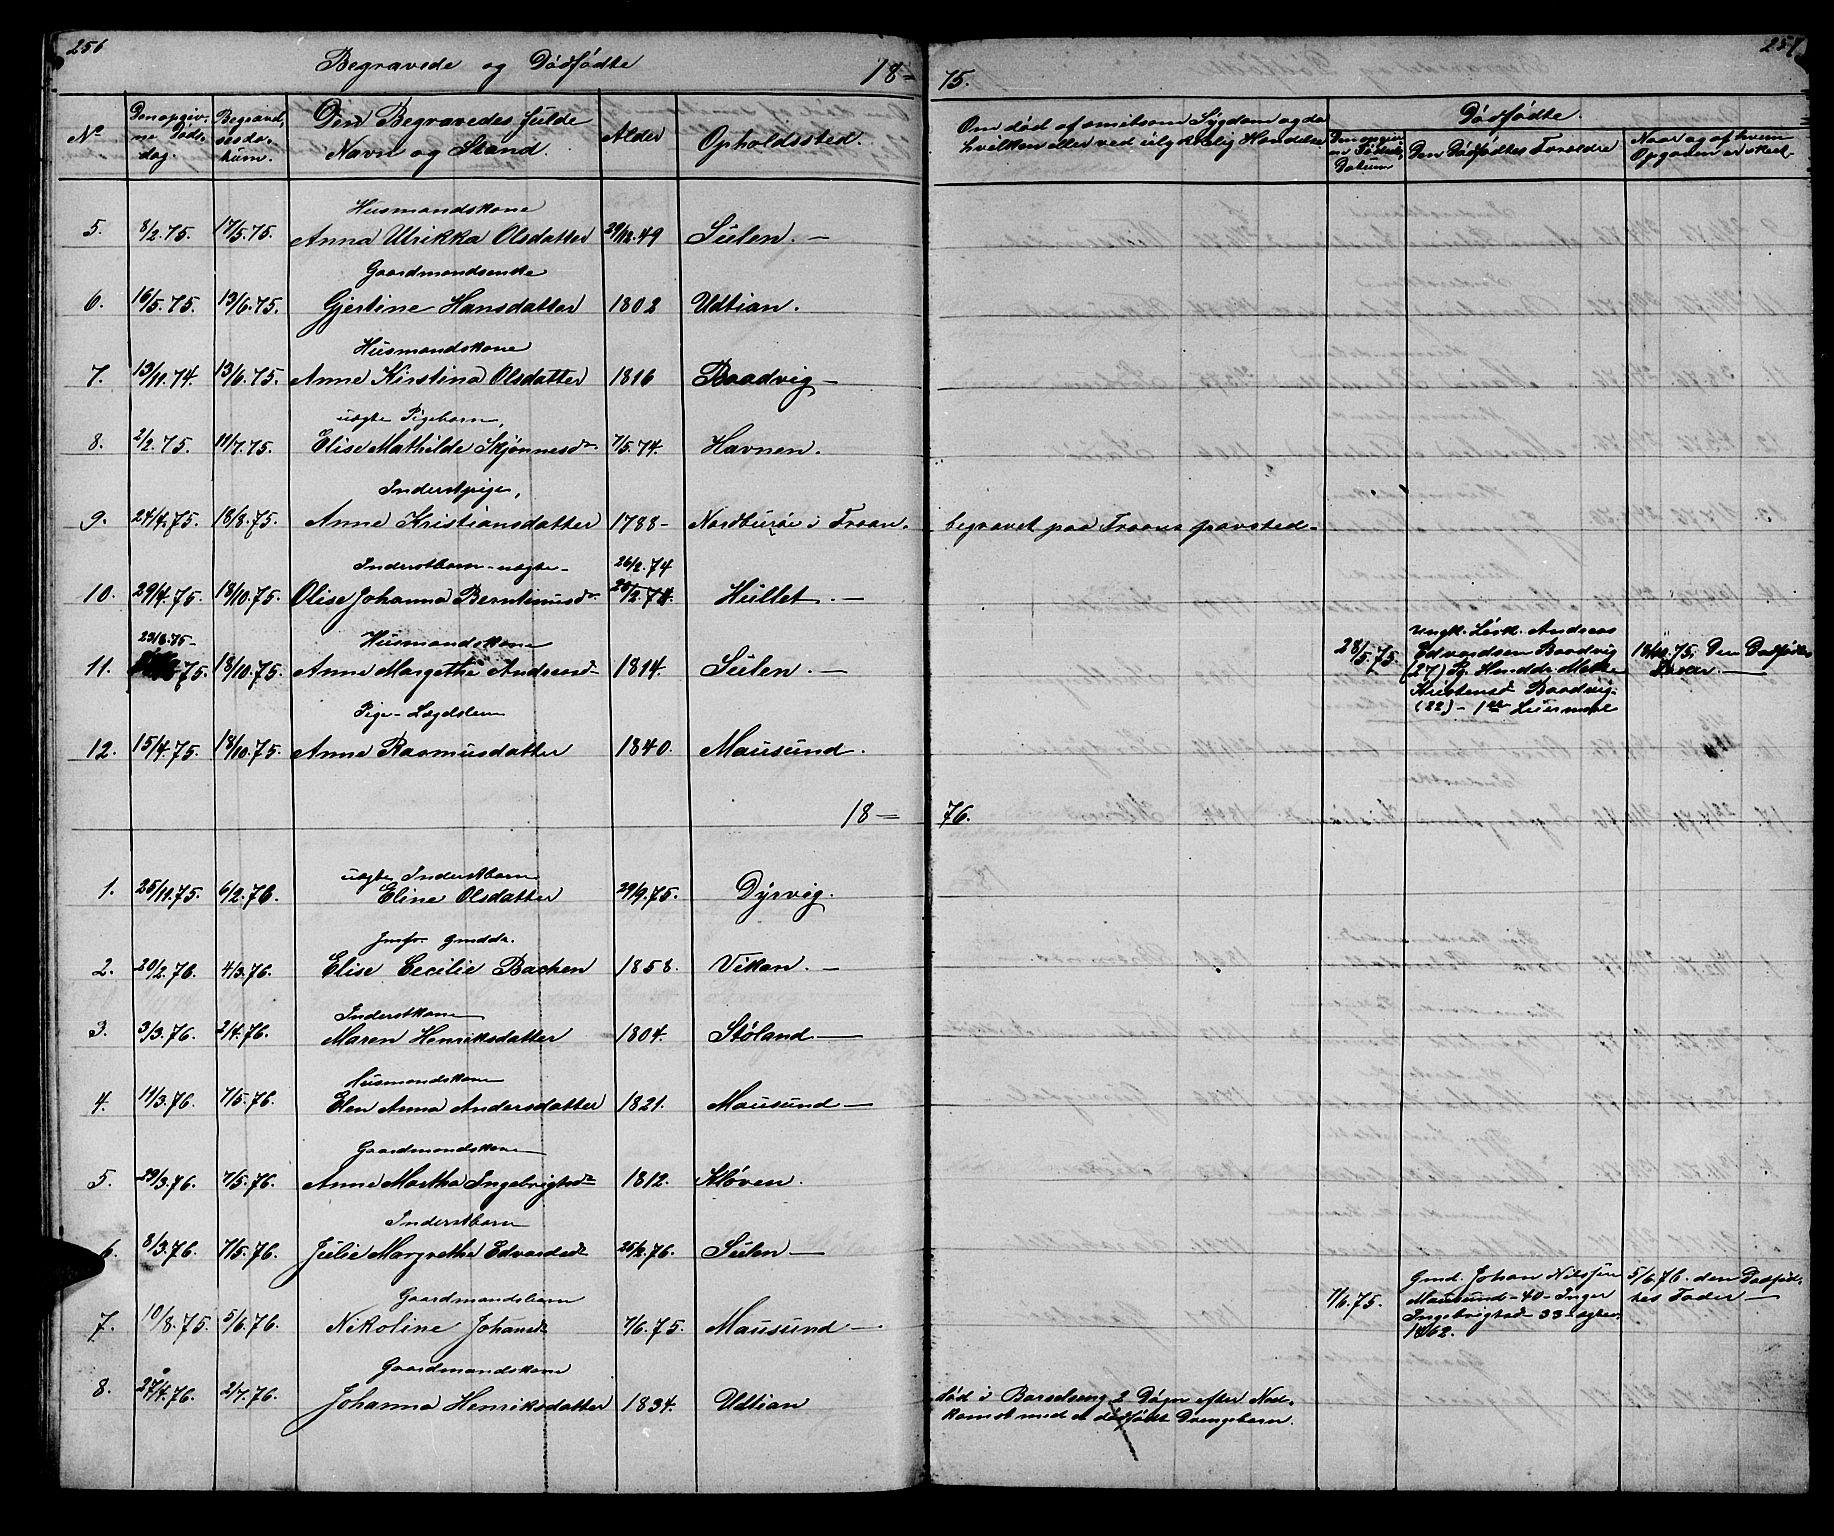 SAT, Ministerialprotokoller, klokkerbøker og fødselsregistre - Sør-Trøndelag, 640/L0583: Klokkerbok nr. 640C01, 1866-1877, s. 256-257